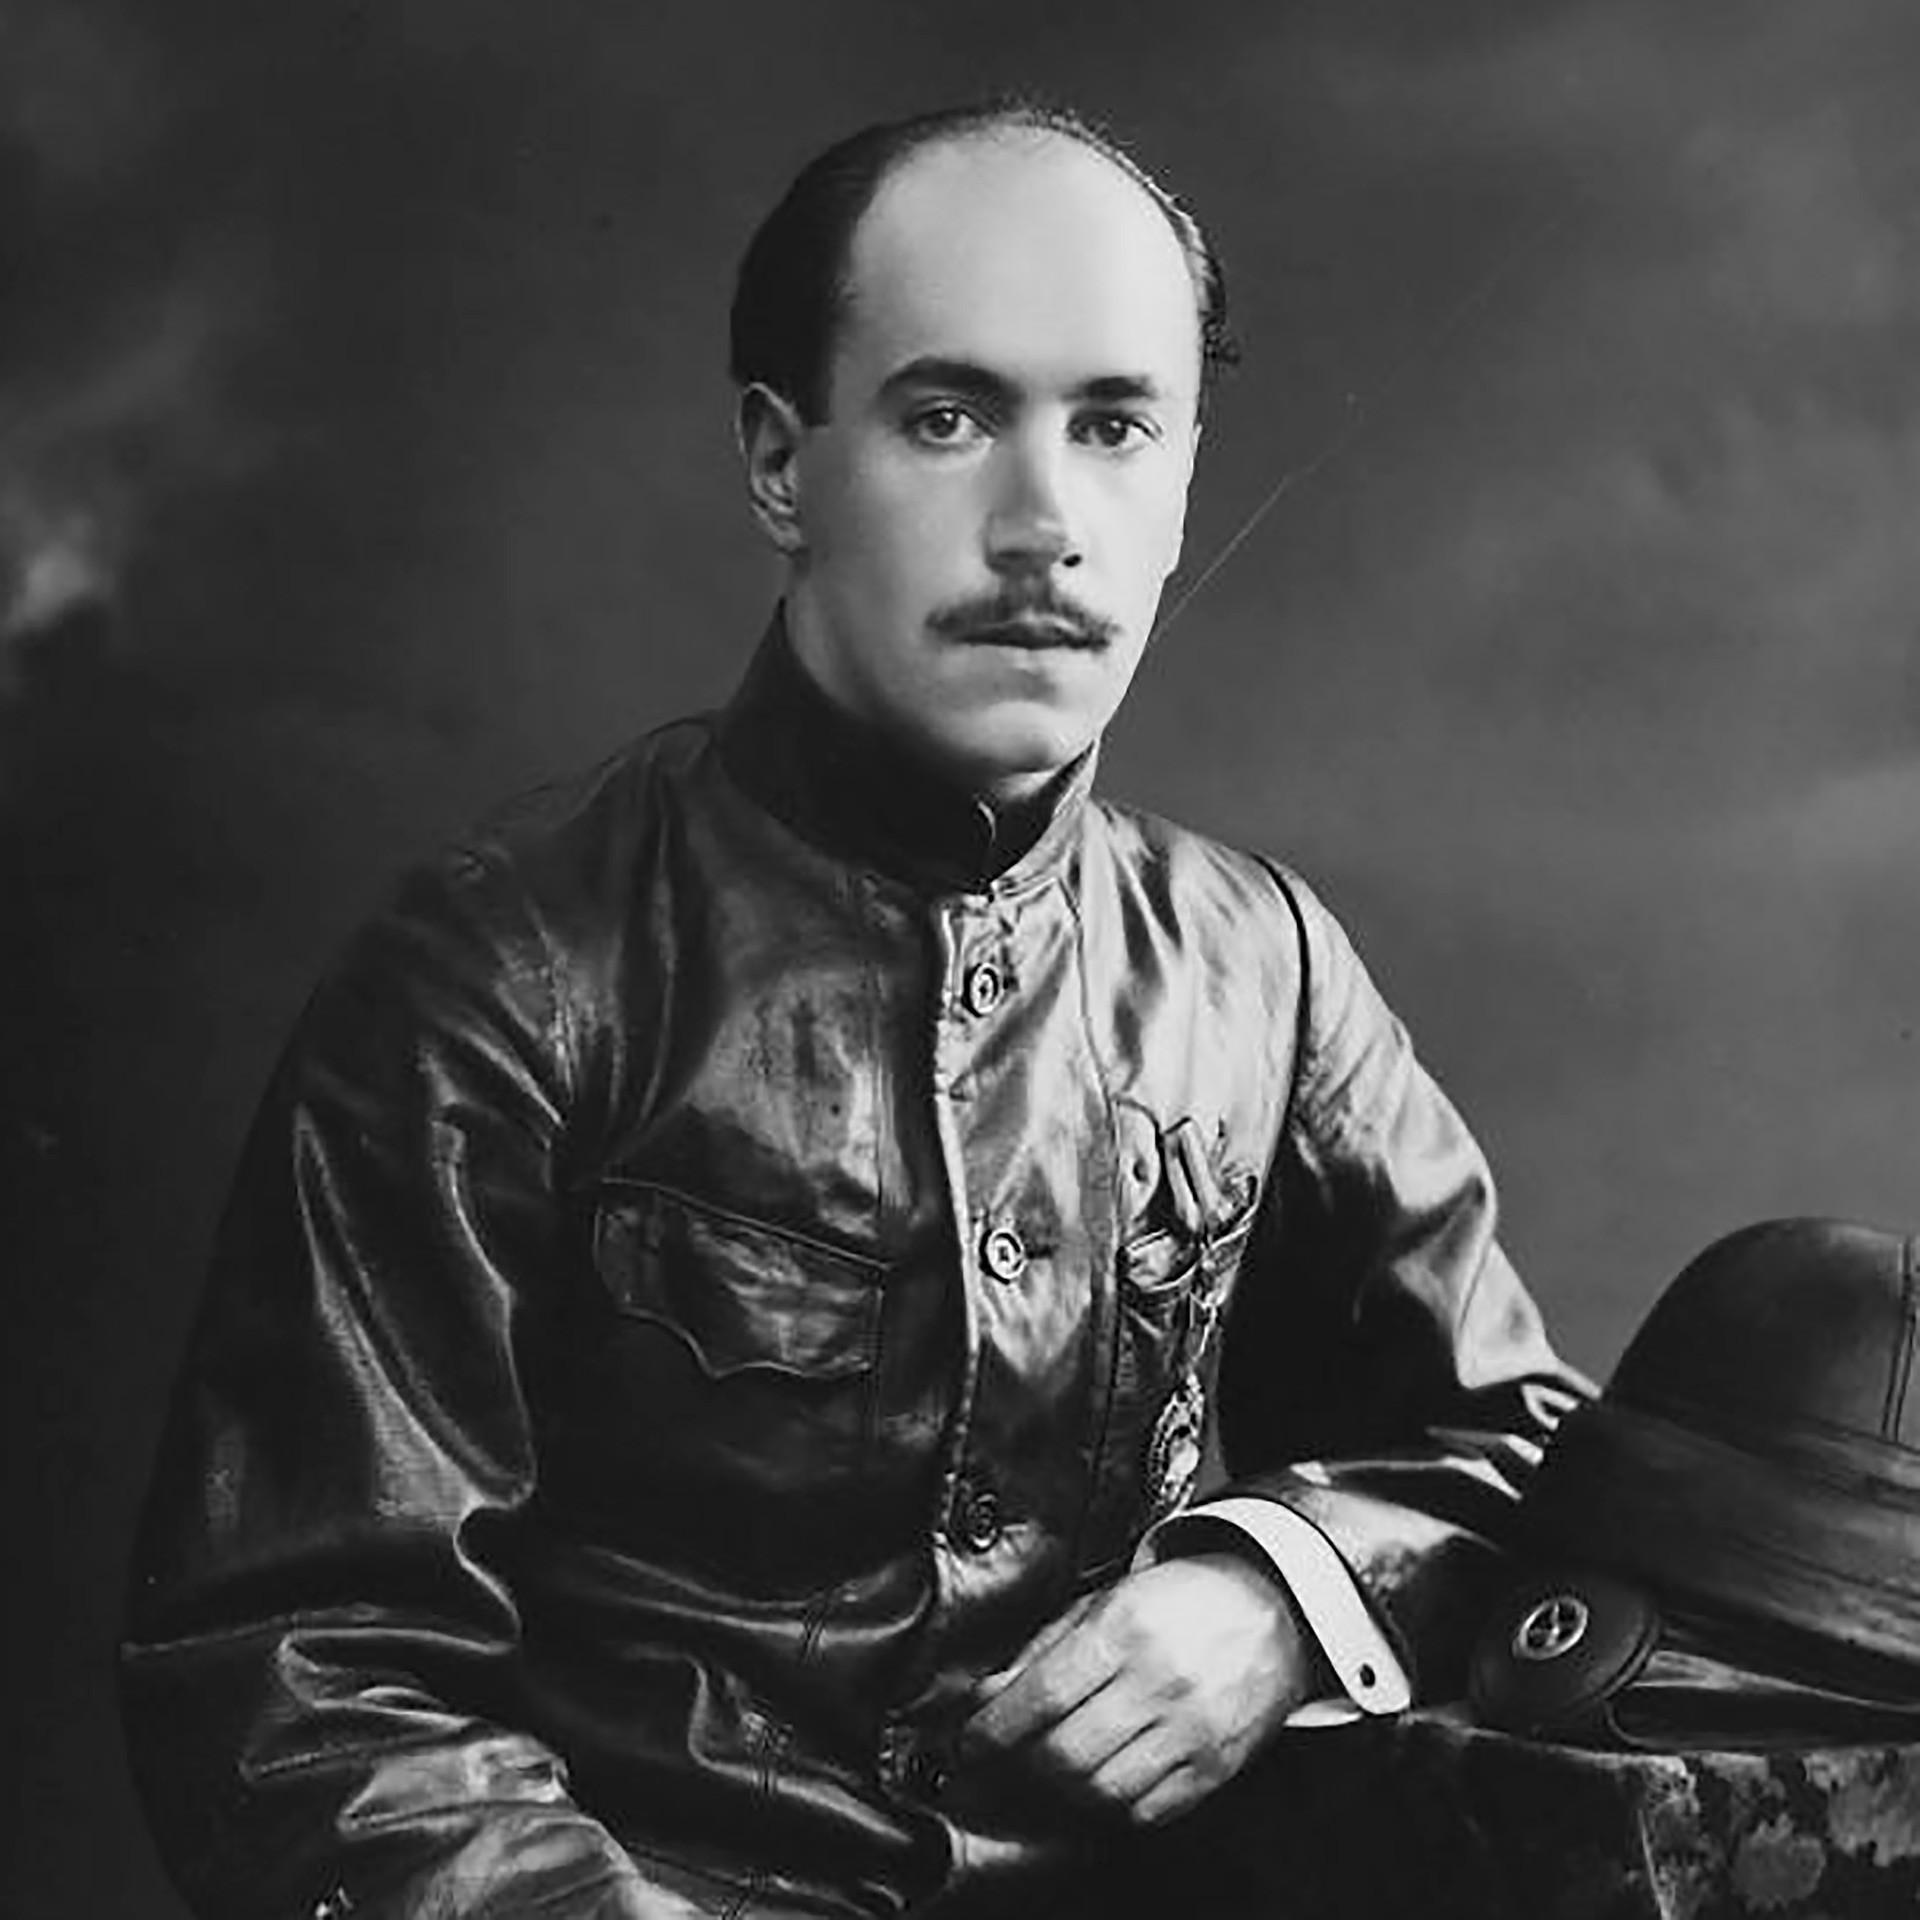 Igor Sikorskij